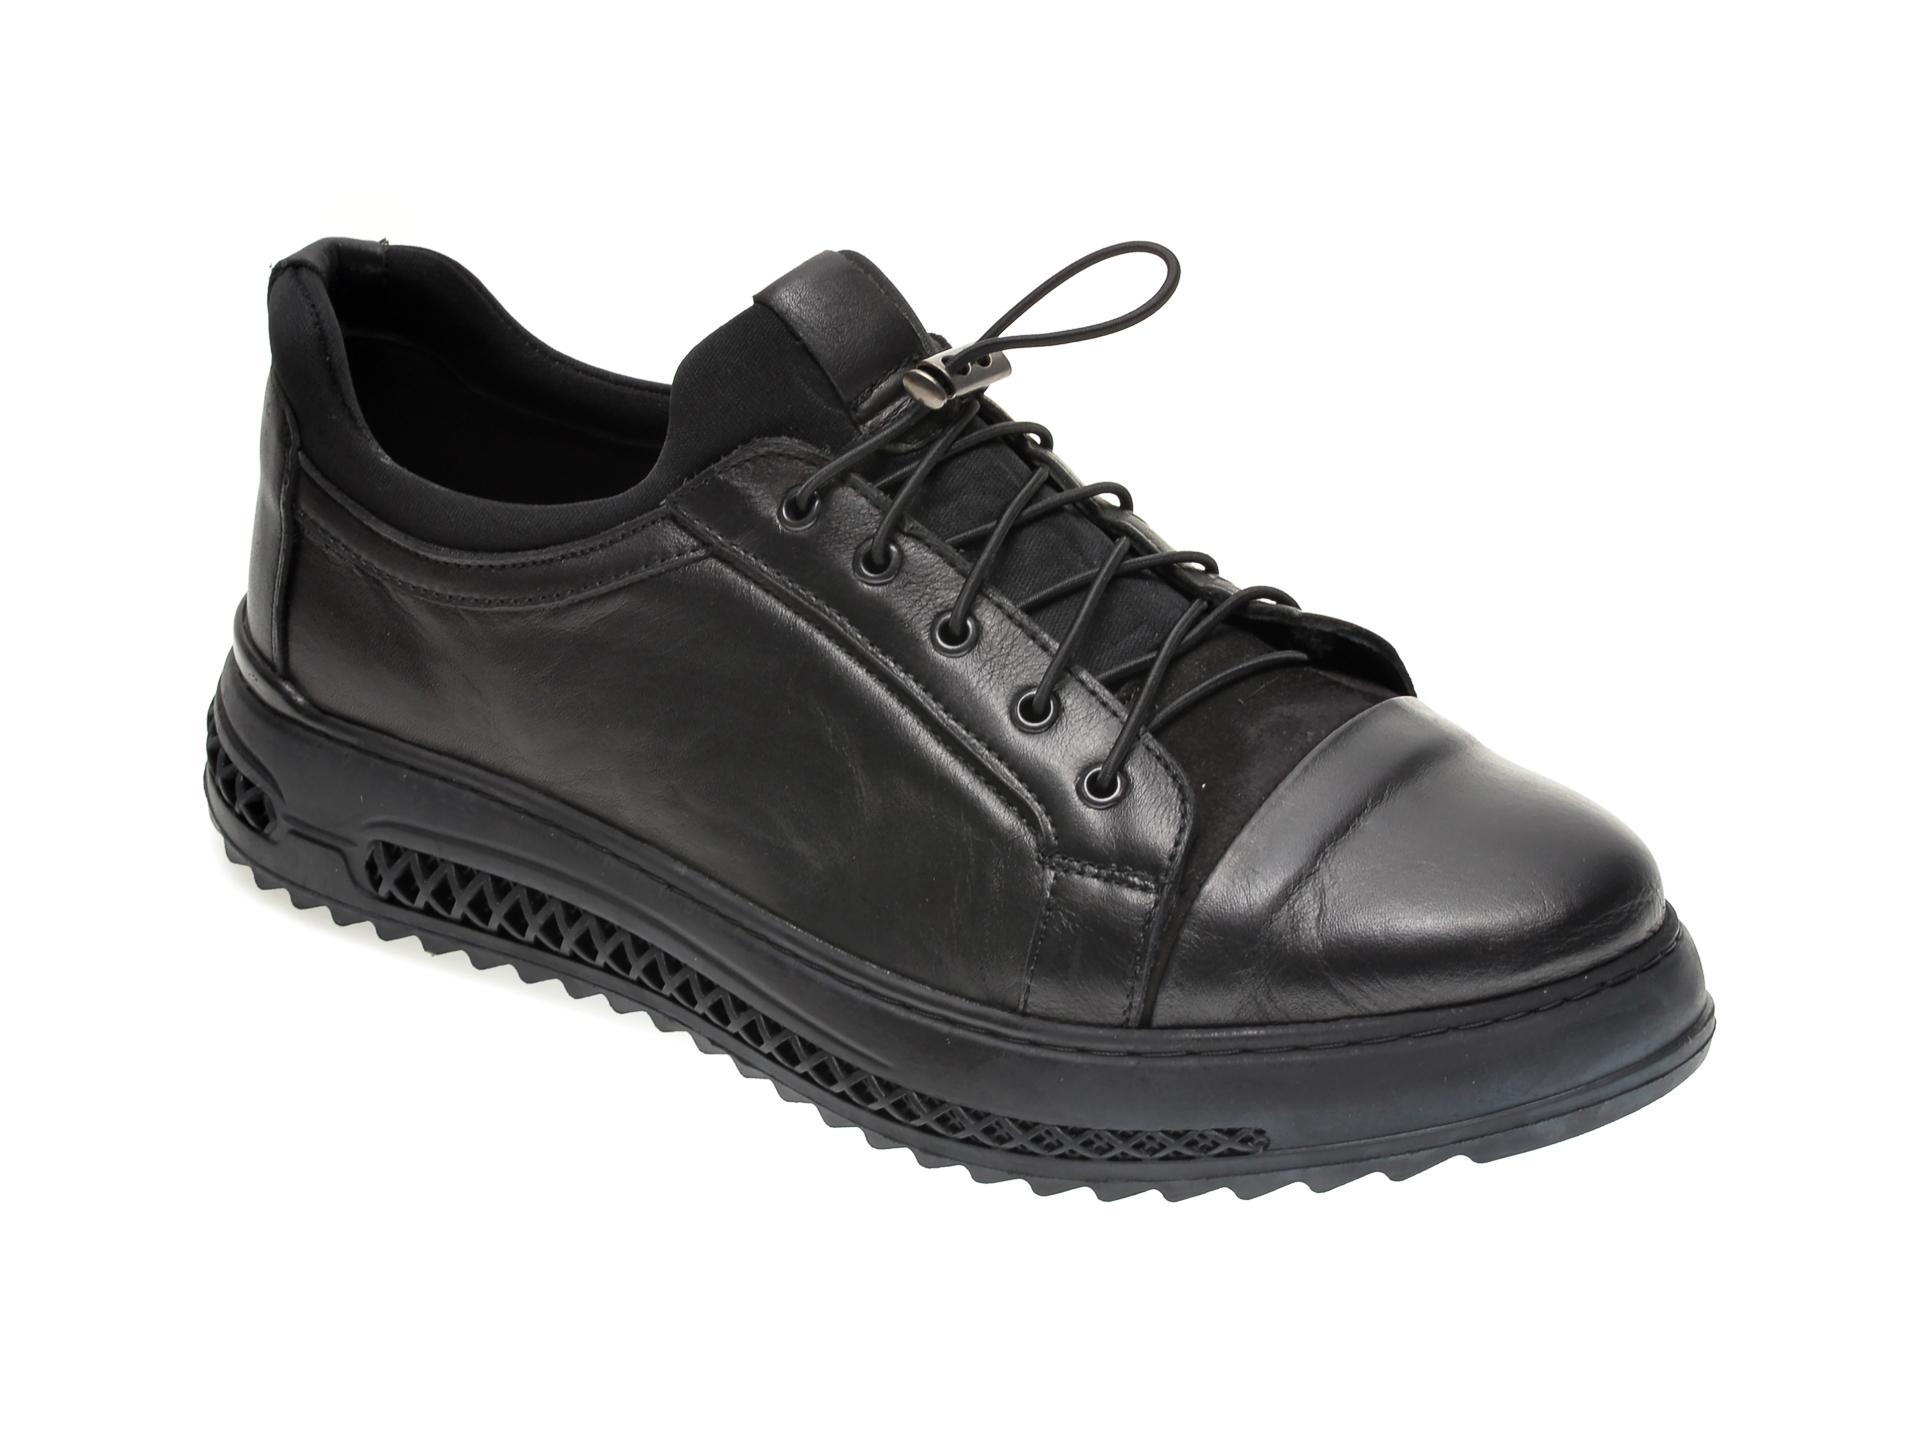 Pantofi OTTER negri, M5373, din piele naturala imagine otter.ro